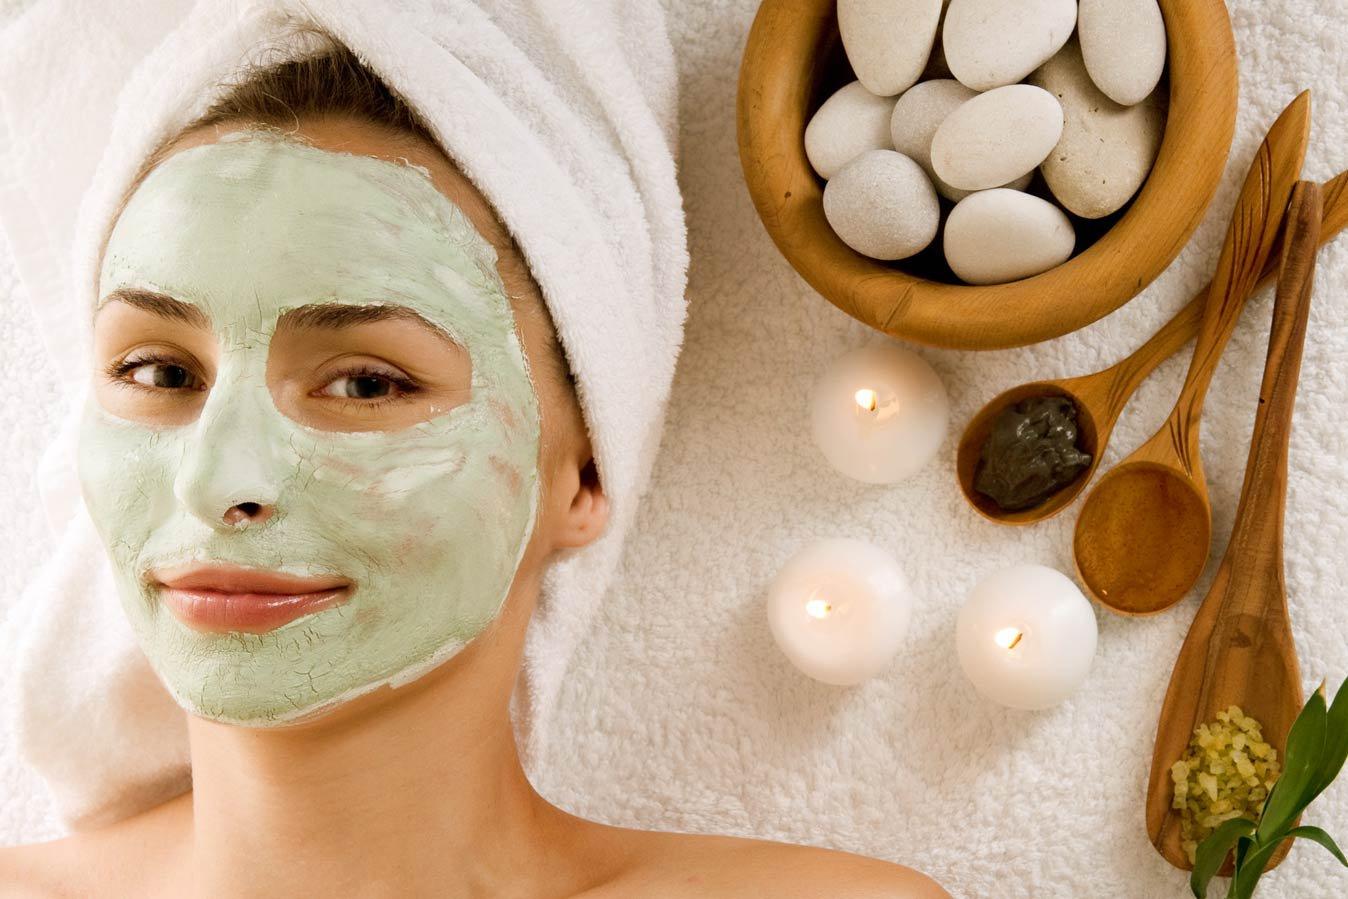 Hướng dẫn cách chăm sóc da mặt trong 3 tháng đầu của thai kỳ